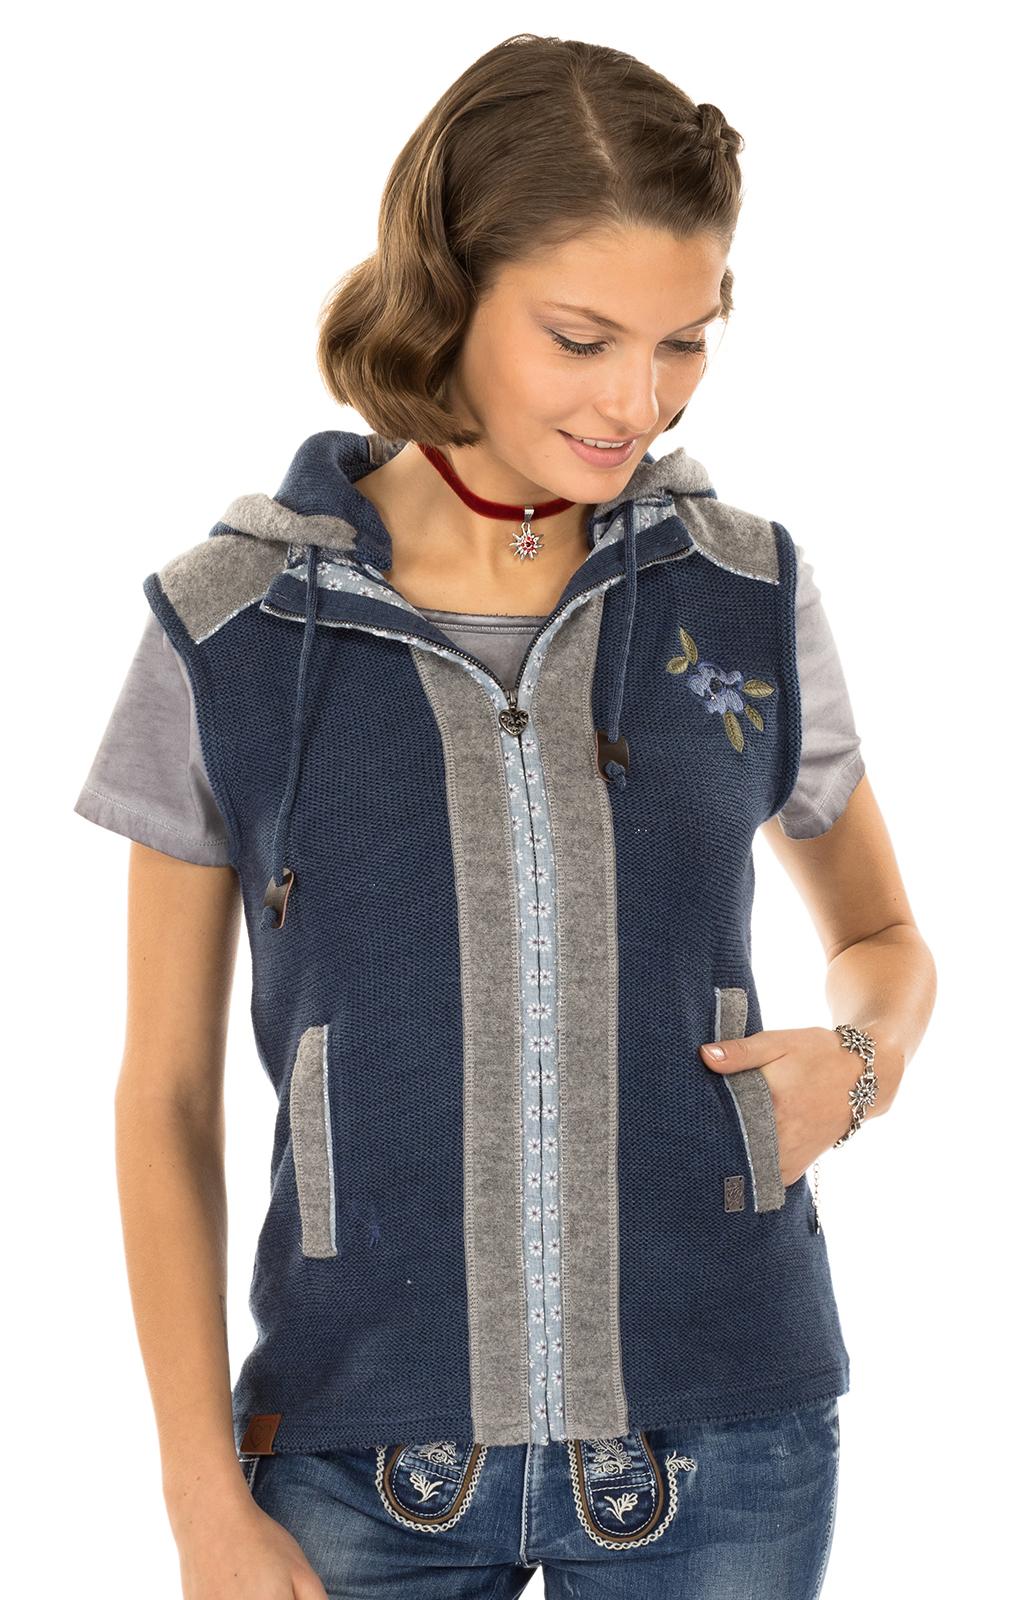 Gilet Costume Grain jeansblau von Spieth & Wensky